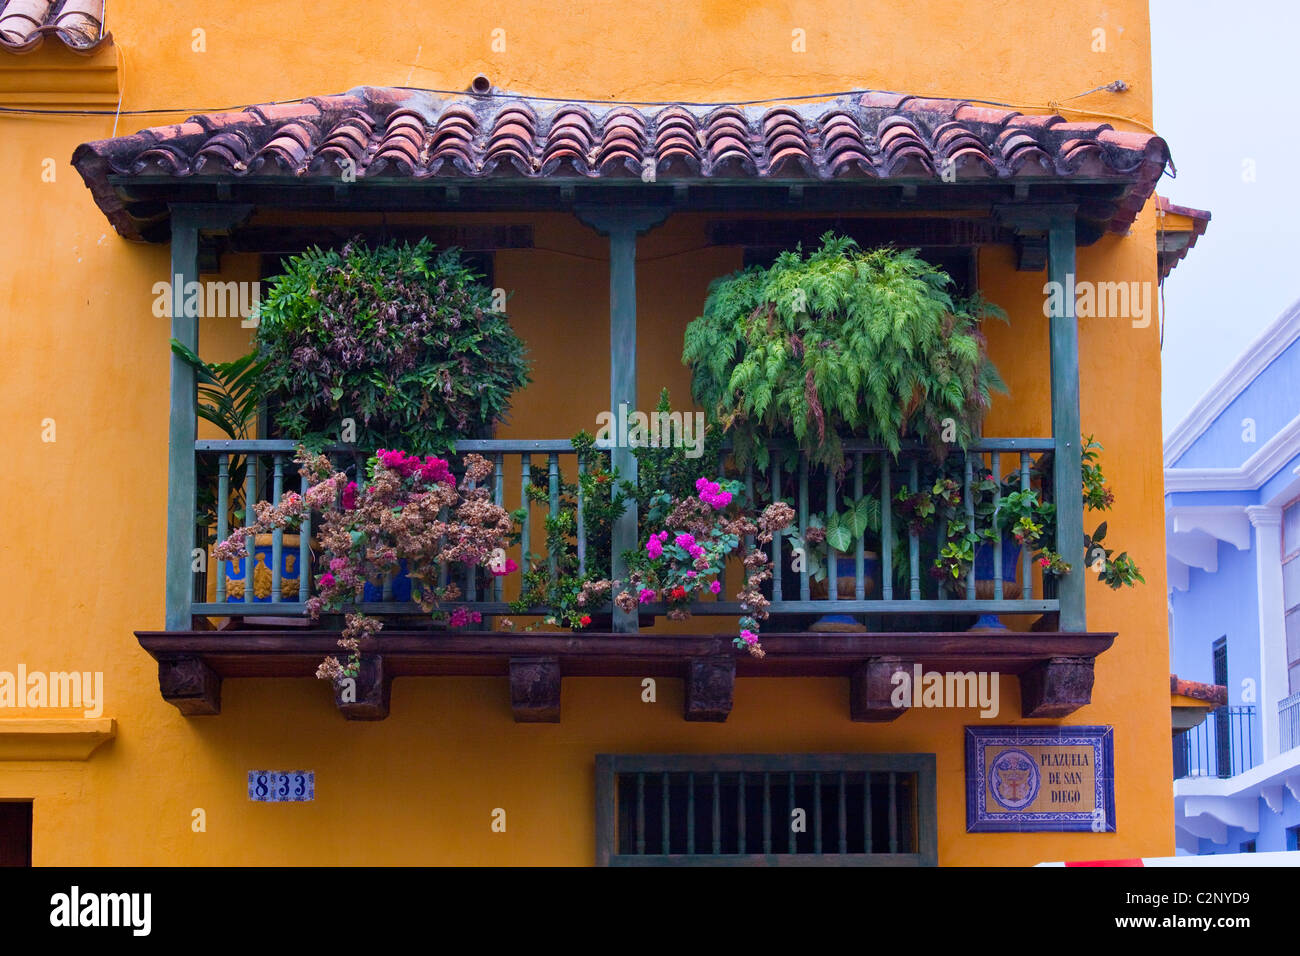 Balcón en el casco antiguo de la ciudad, Cartagena de Indias, Colombia Imagen De Stock